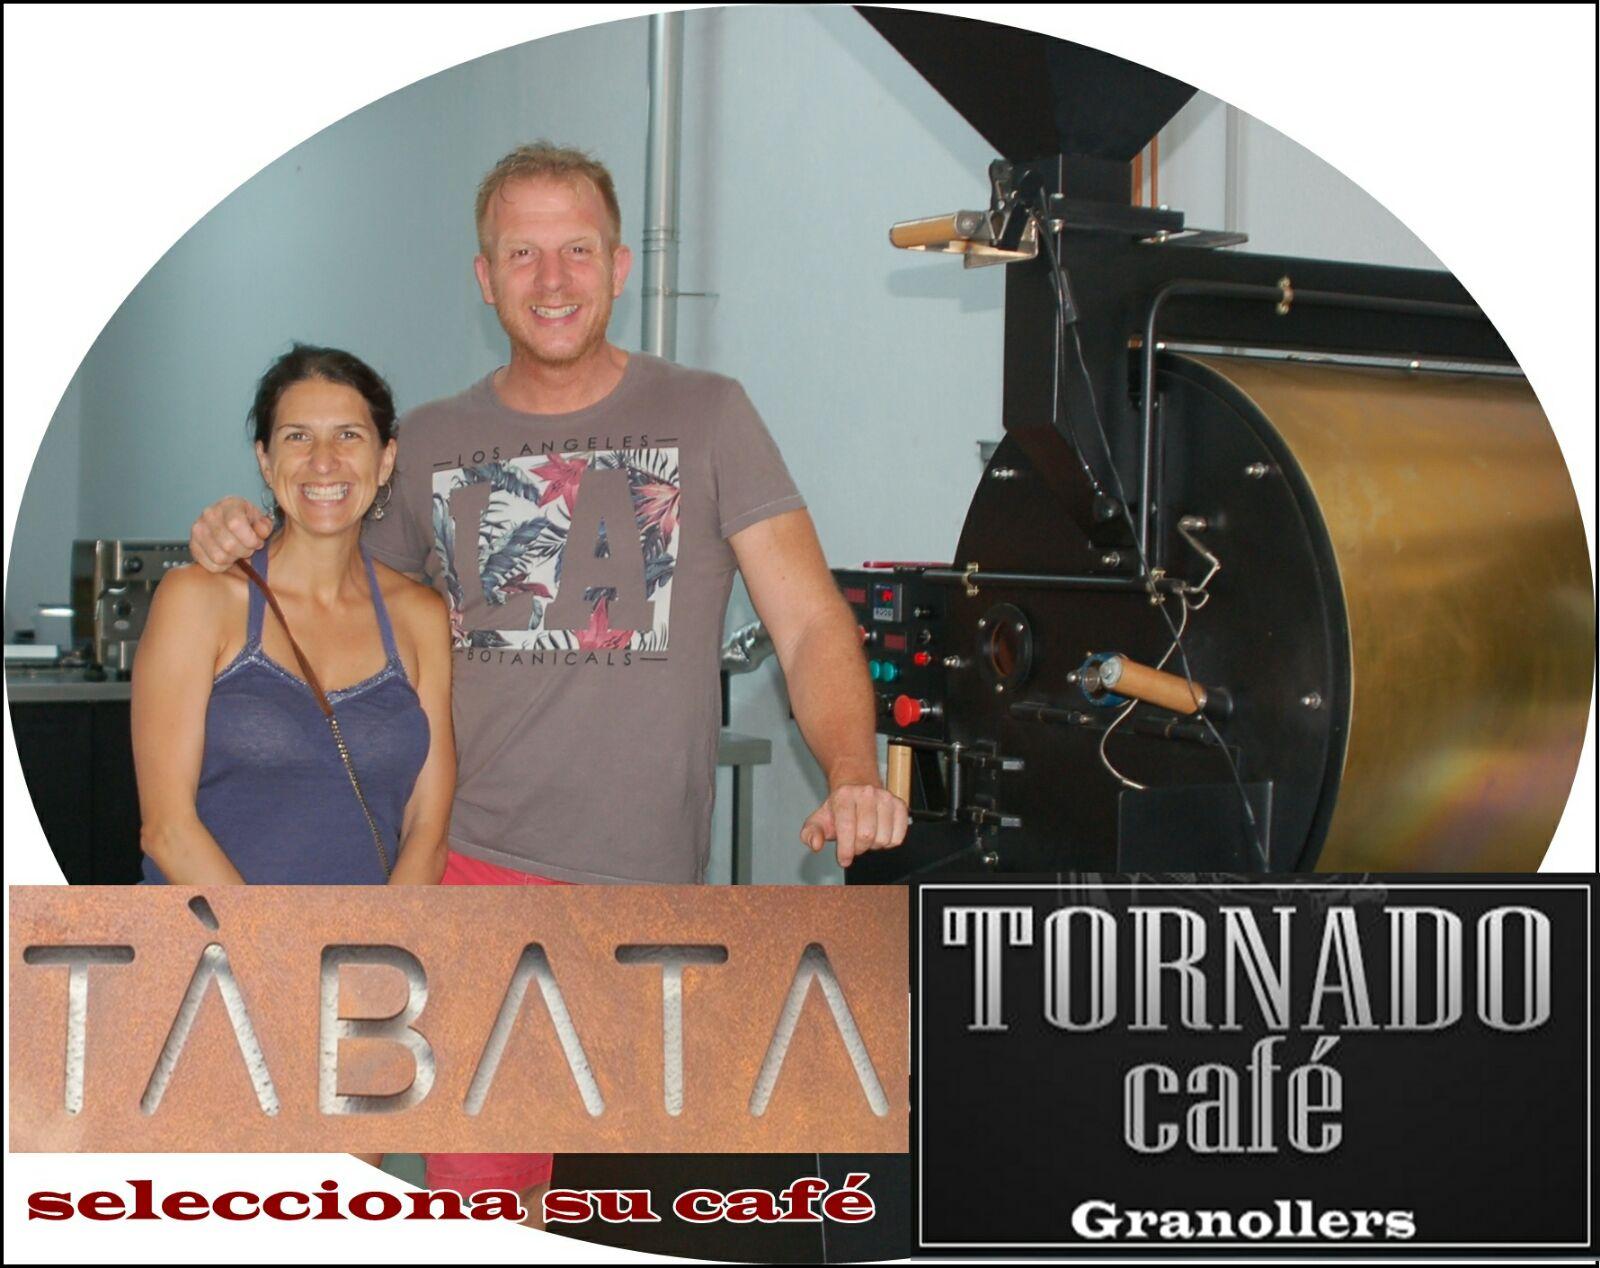 Tornado Café y Tàbata owner www.tornadocafe.es